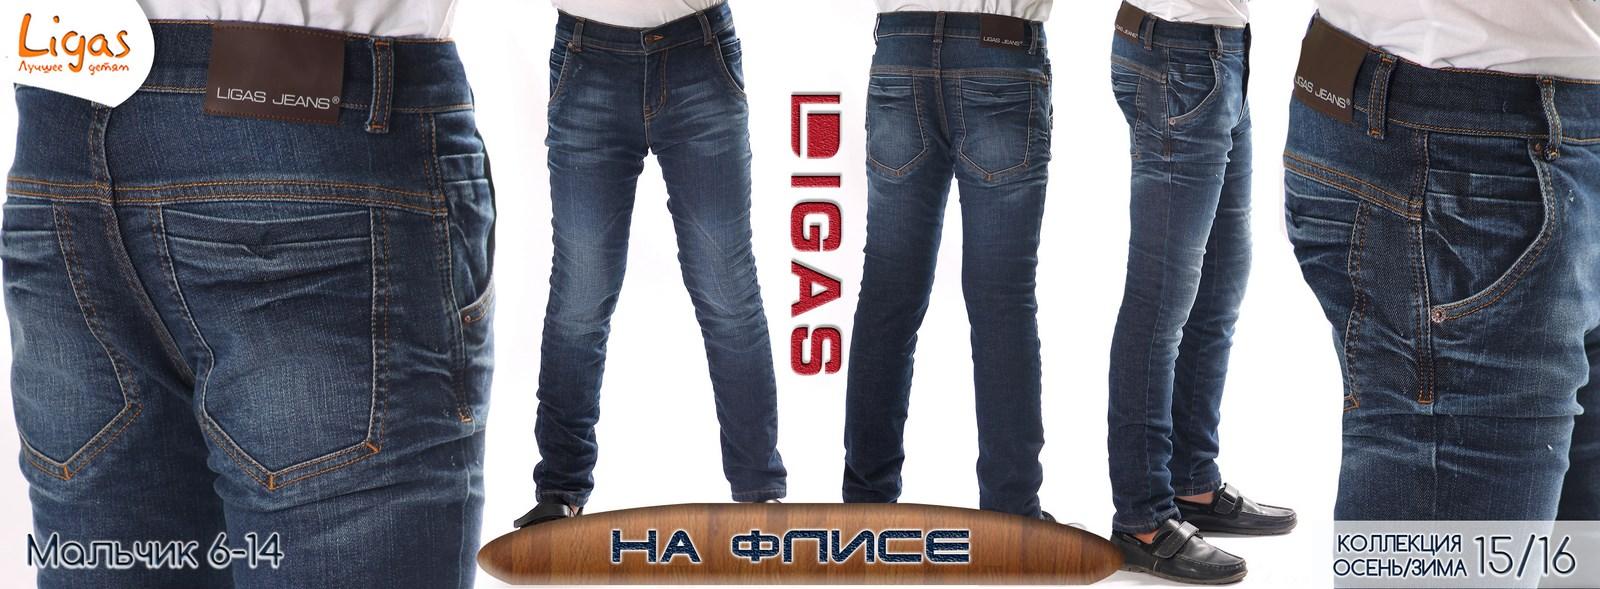 Новинки и пополнение по размерам в детских и взрослых джинсах!